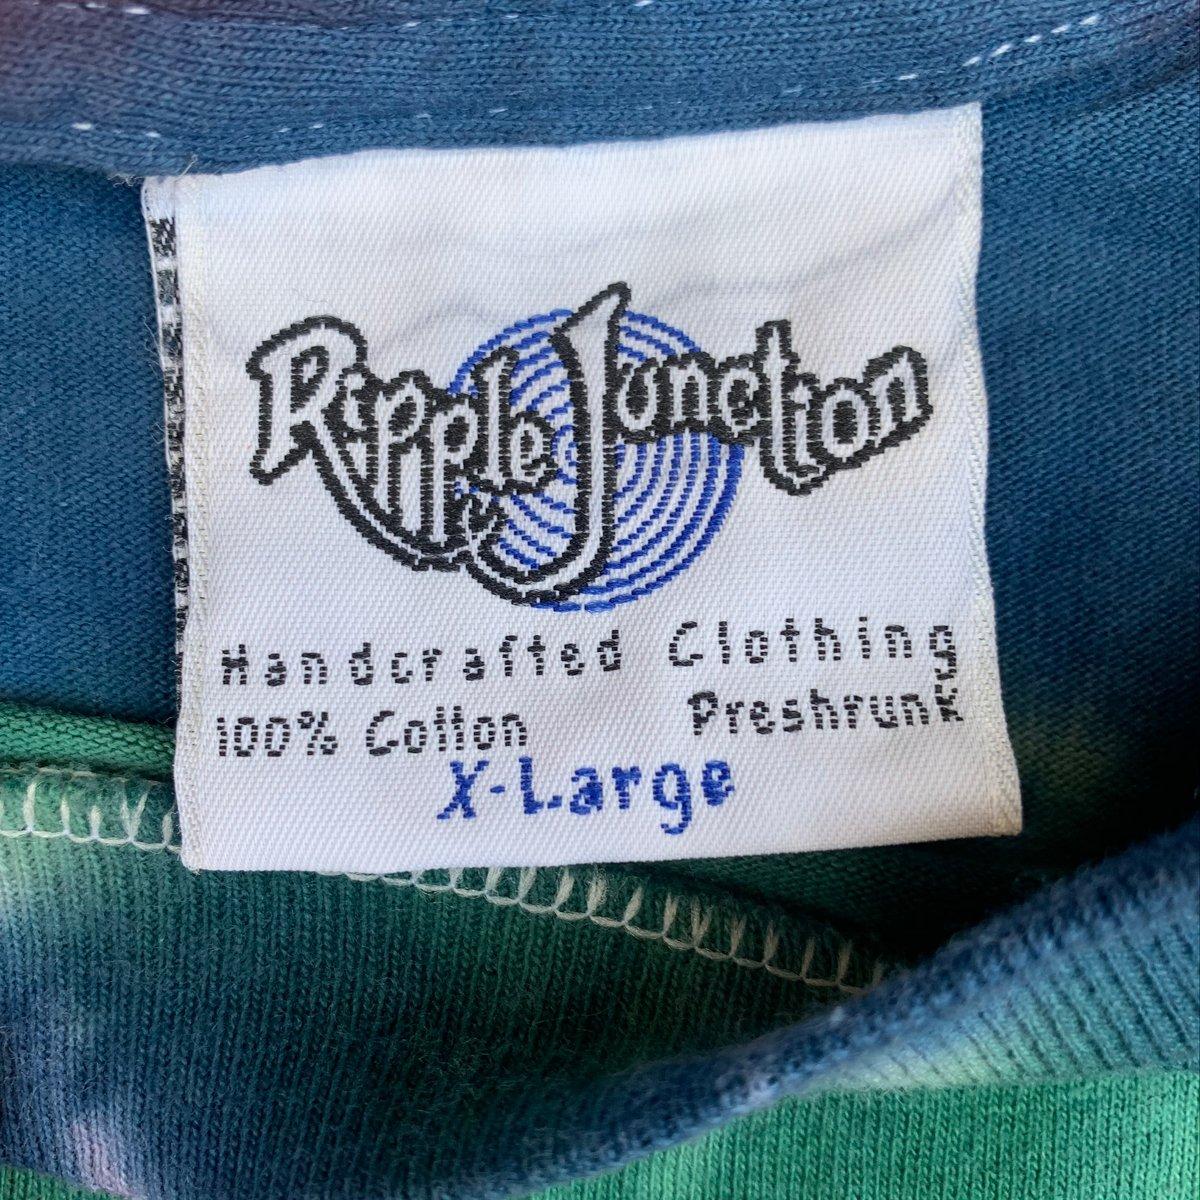 Original Vintage Ripple Junction 1994 Ganja Frogs Long Sleeve Tee!  X-LARGE